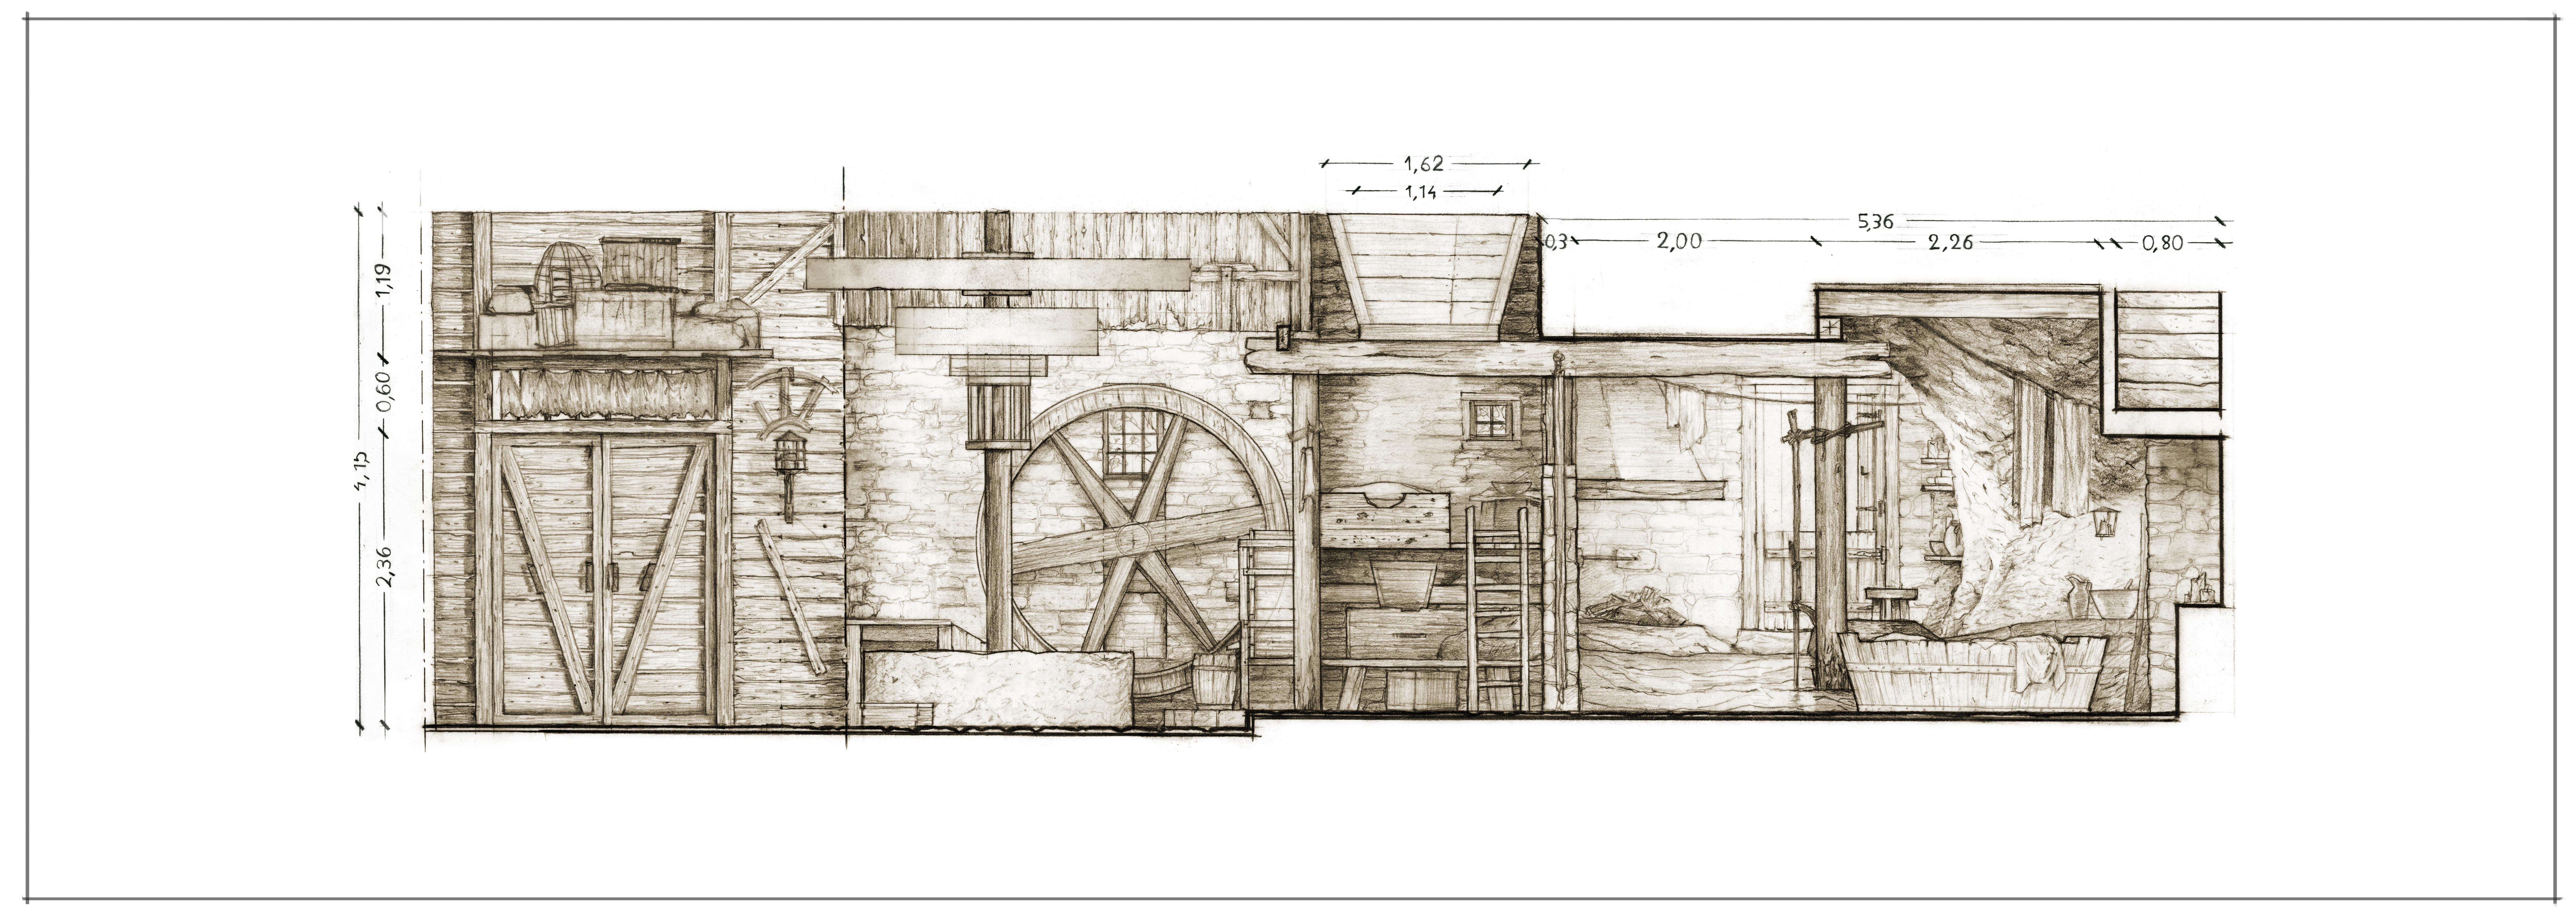 18 Mulino A3 x2 prospetto B